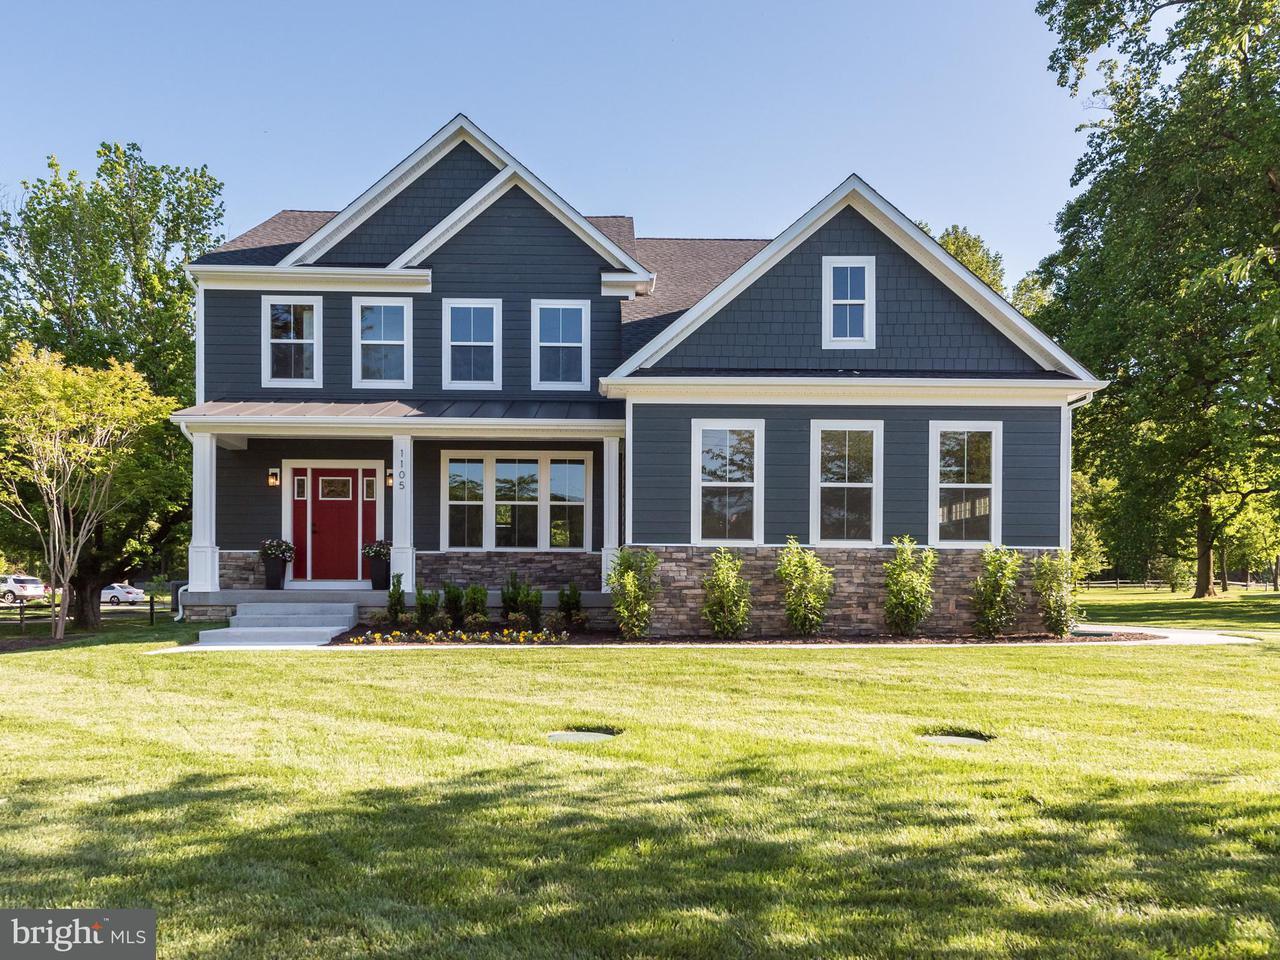 Μονοκατοικία για την Πώληση στο 1105 KATHY ANNE Lane 1105 KATHY ANNE Lane Millersville, Μεριλαντ 21108 Ηνωμενεσ Πολιτειεσ